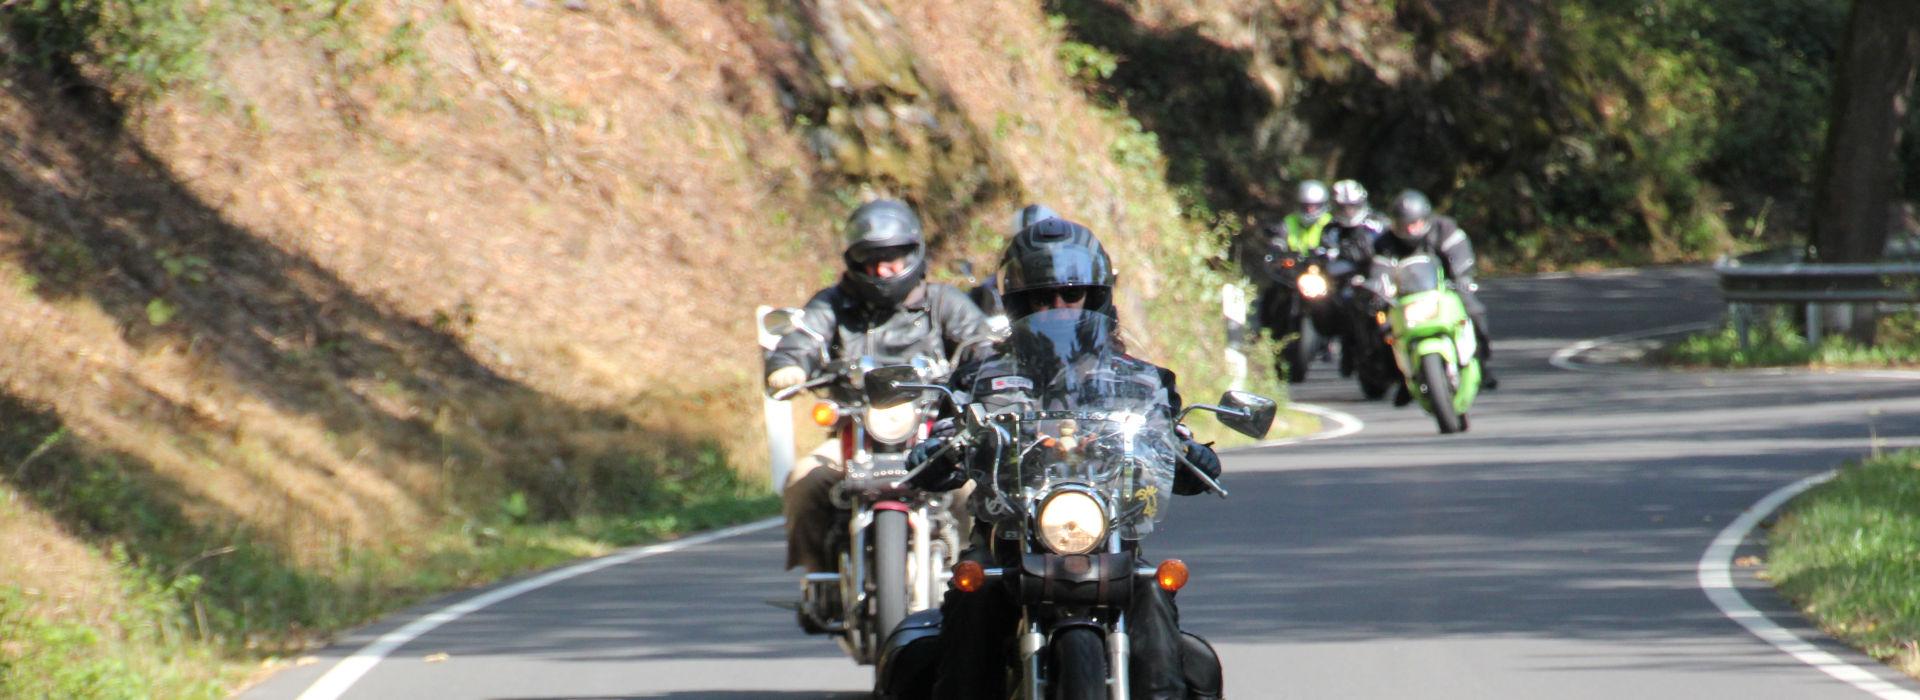 Motorrijbewijspoint Benthuizen spoed motorrijbewijs